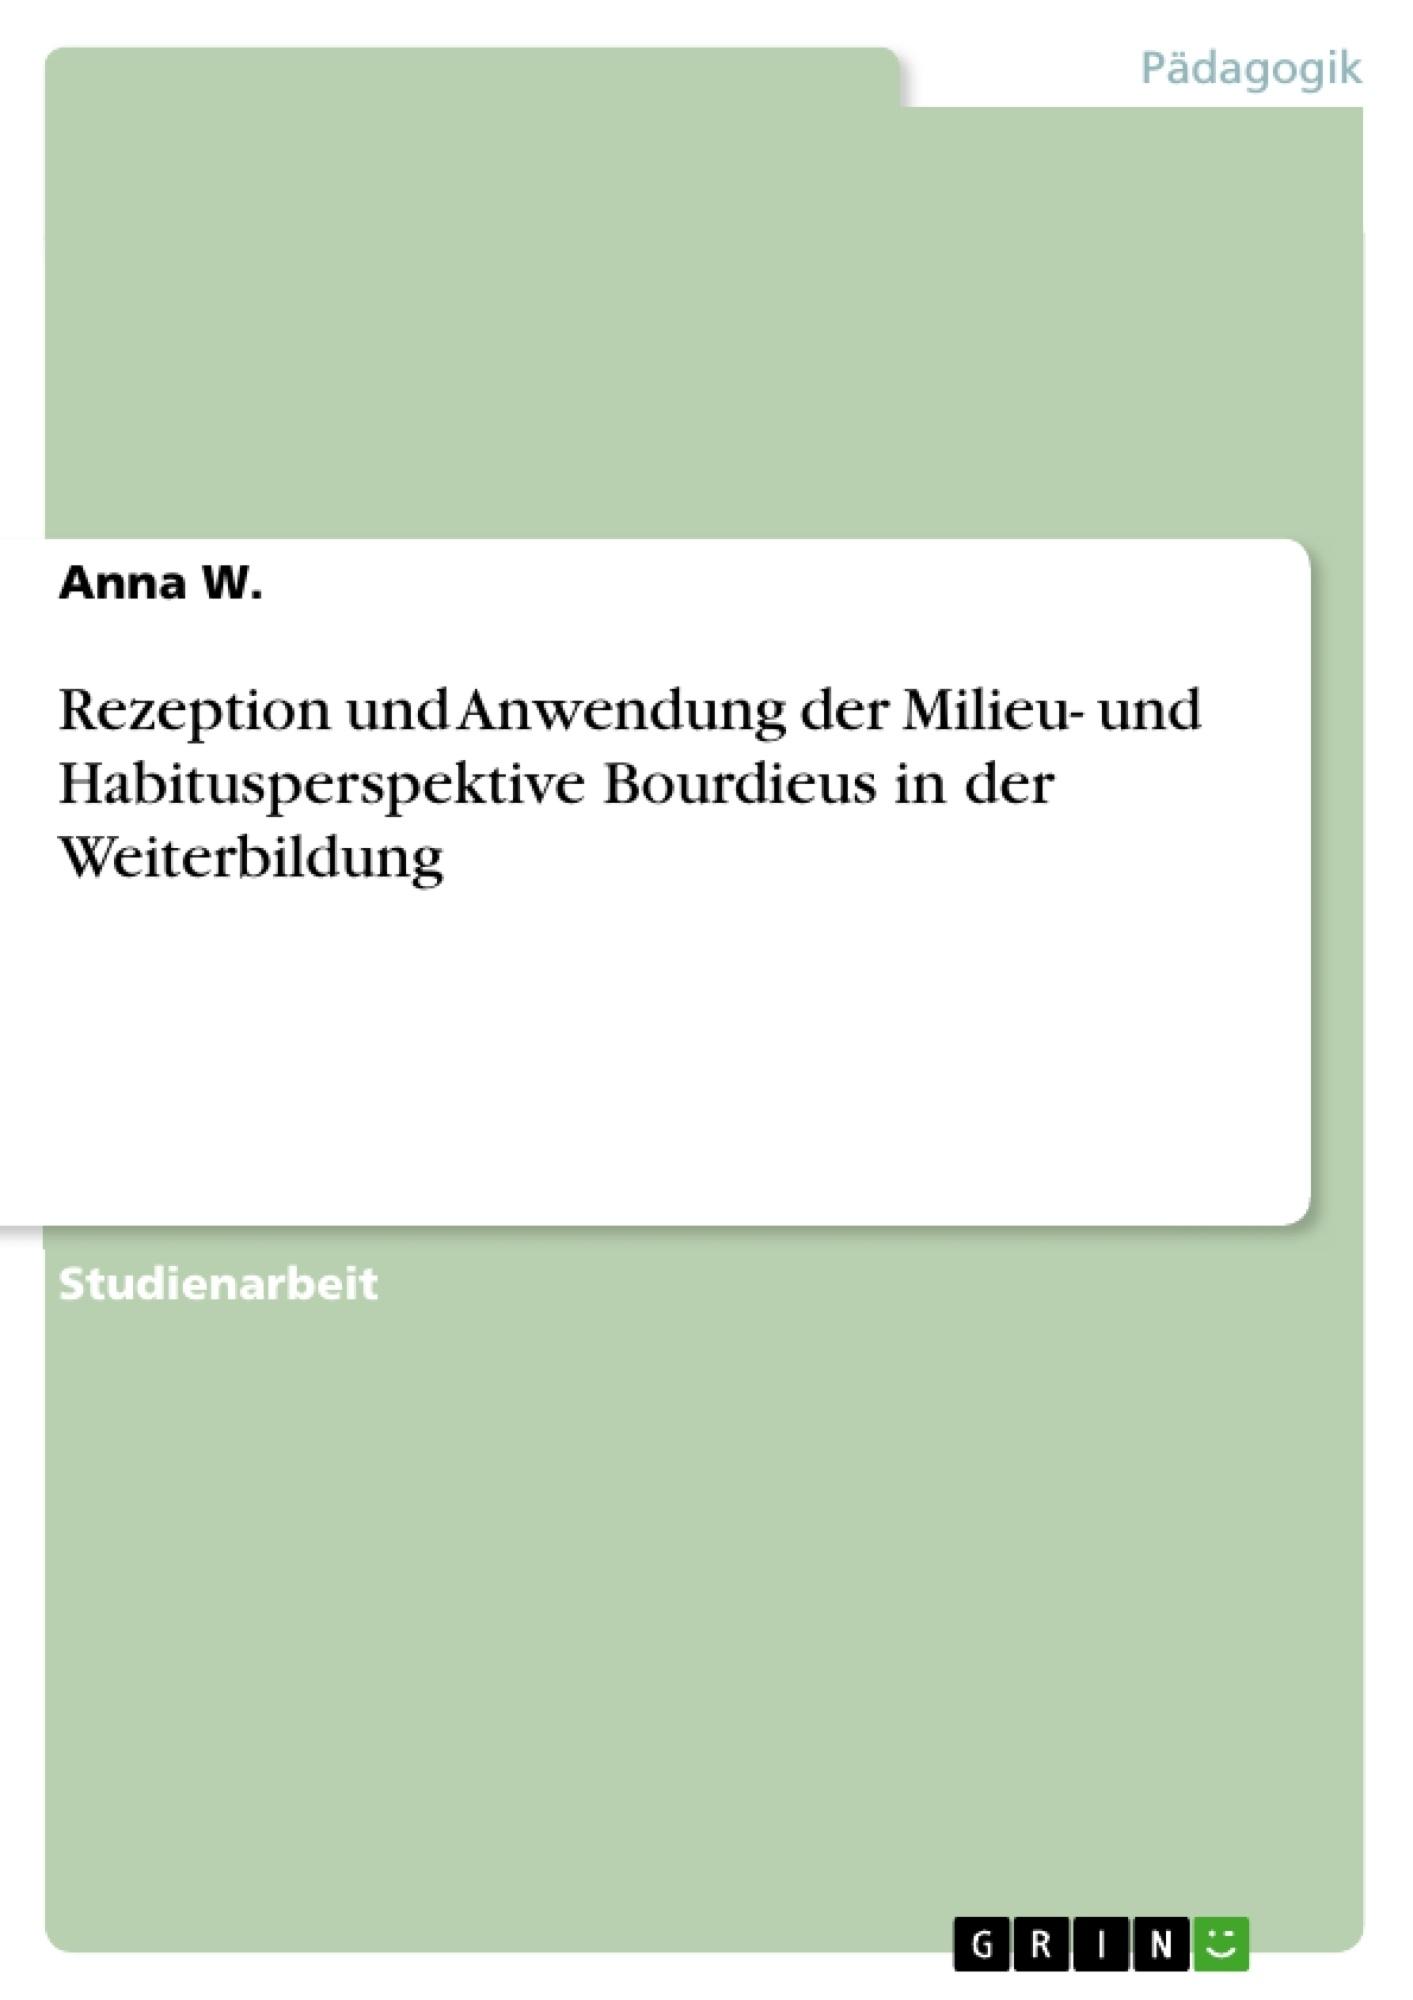 Titel: Rezeption und Anwendung der Milieu- und Habitusperspektive Bourdieus in der Weiterbildung